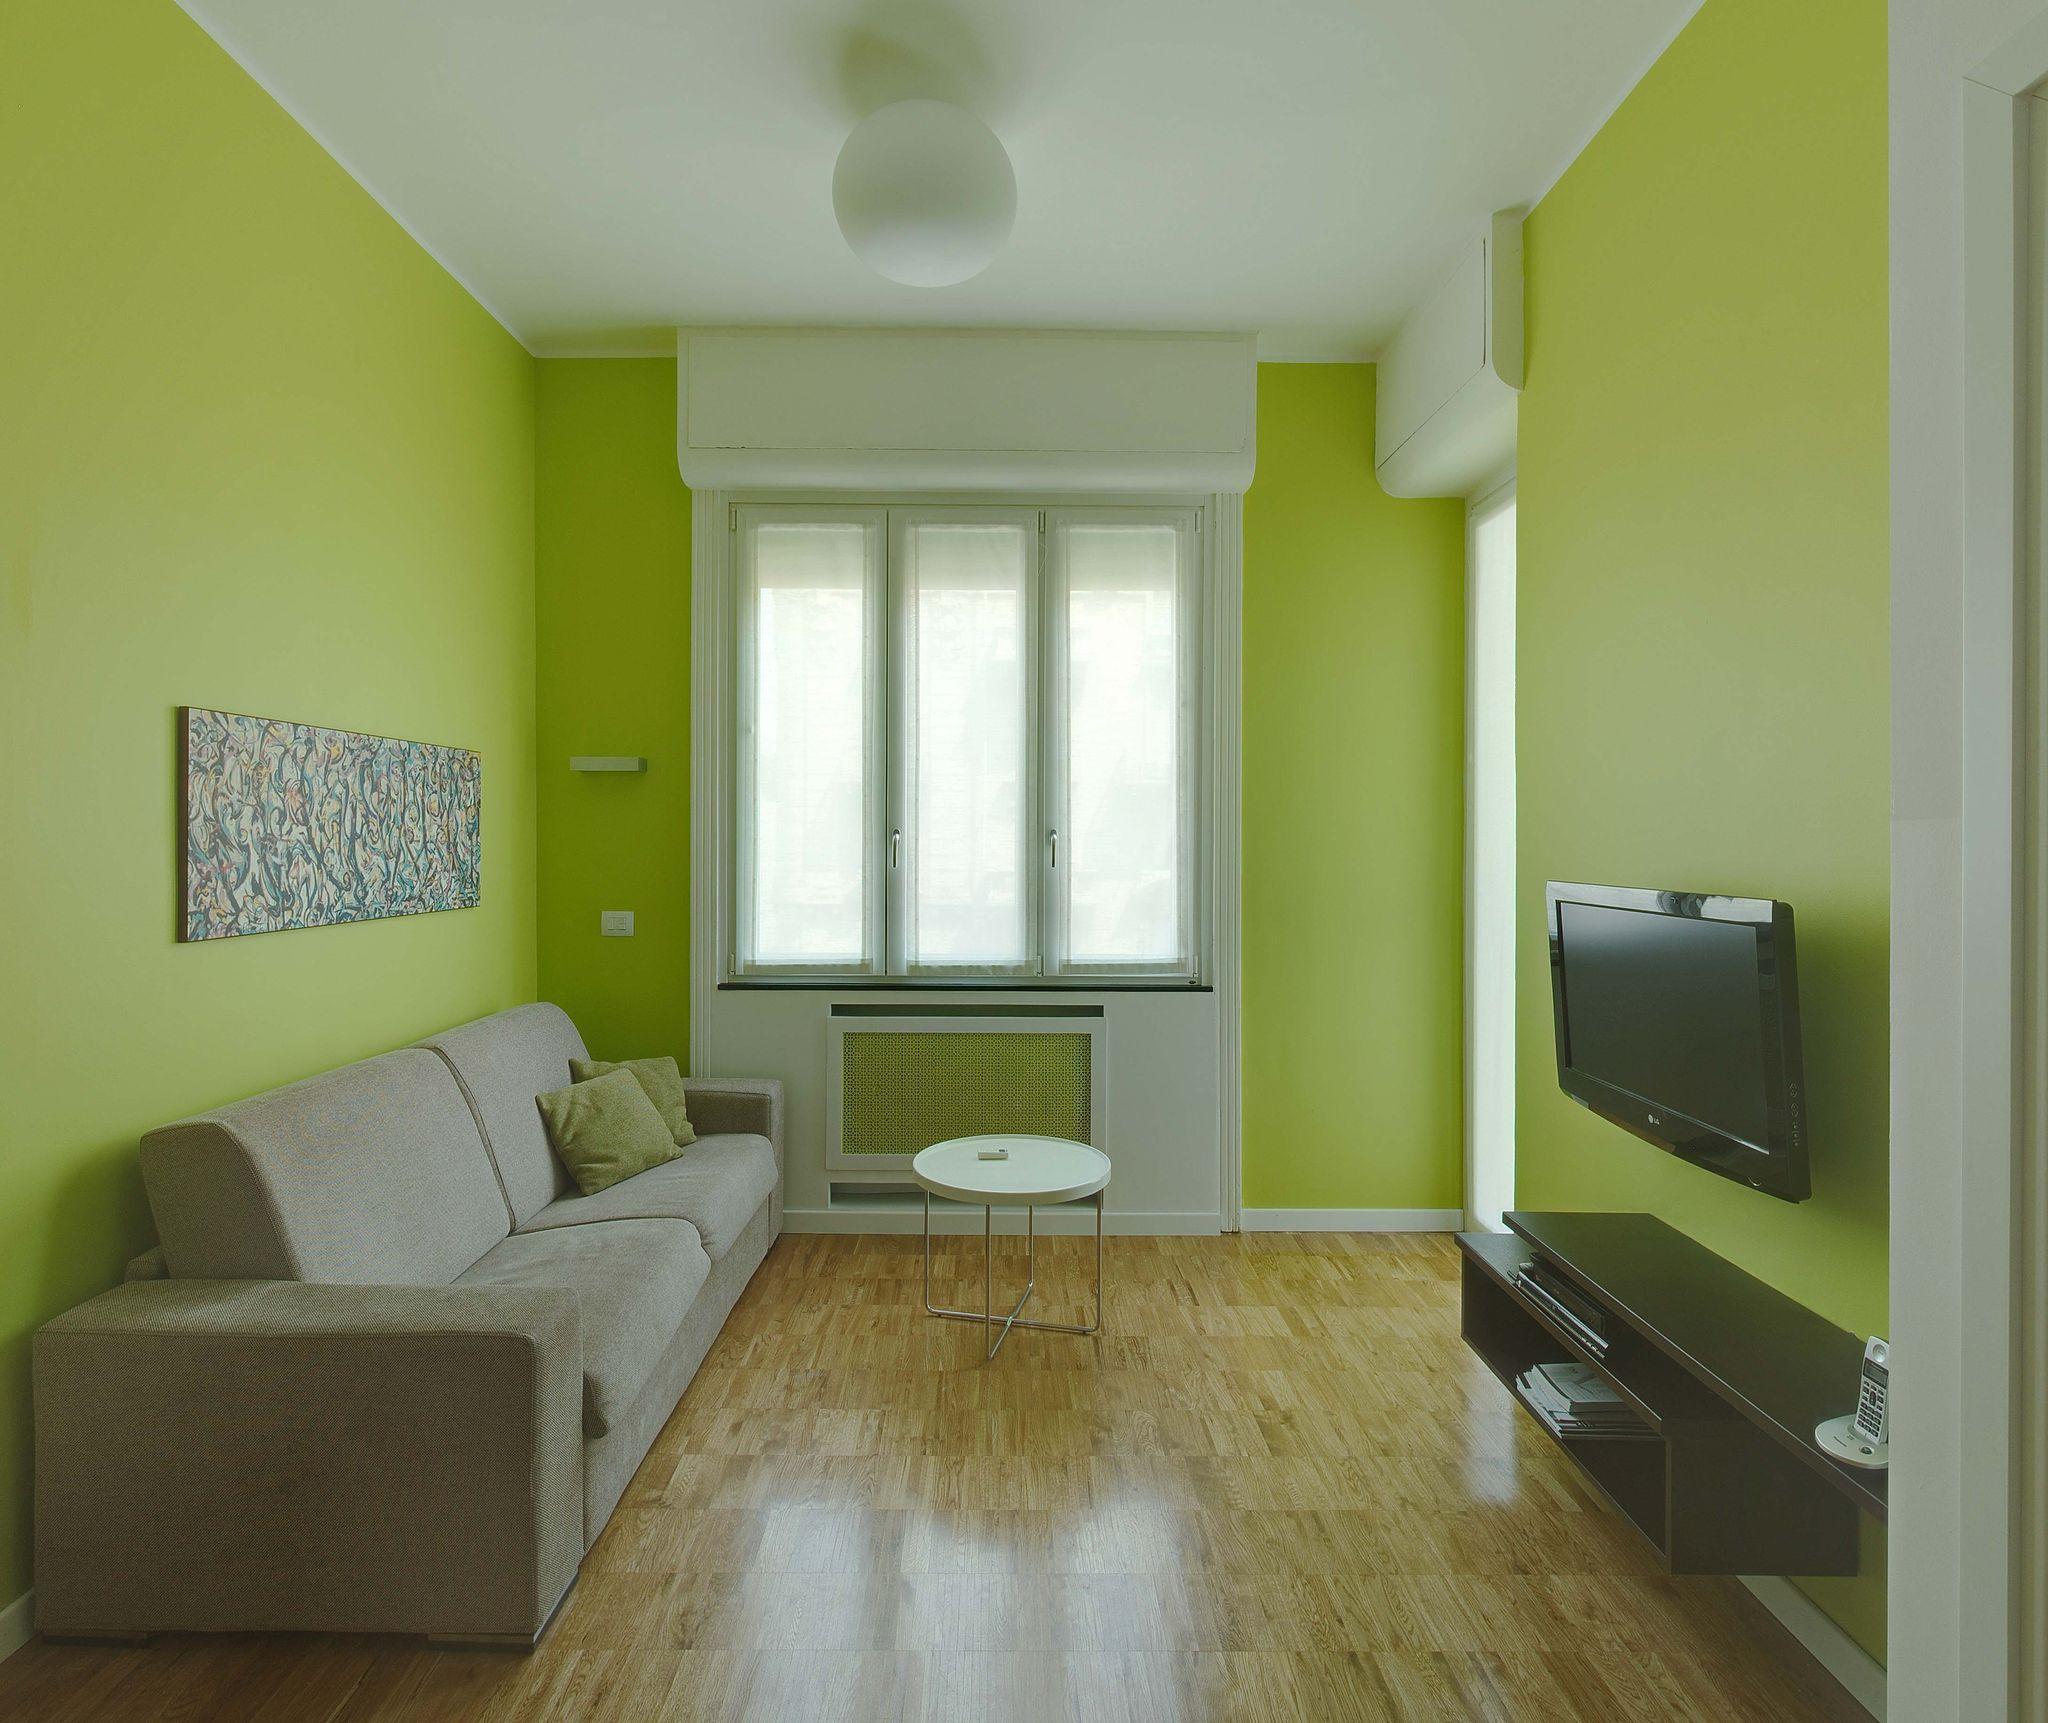 Milano trova e prenota appartamenti vacanze case for Appartamenti arredati milano